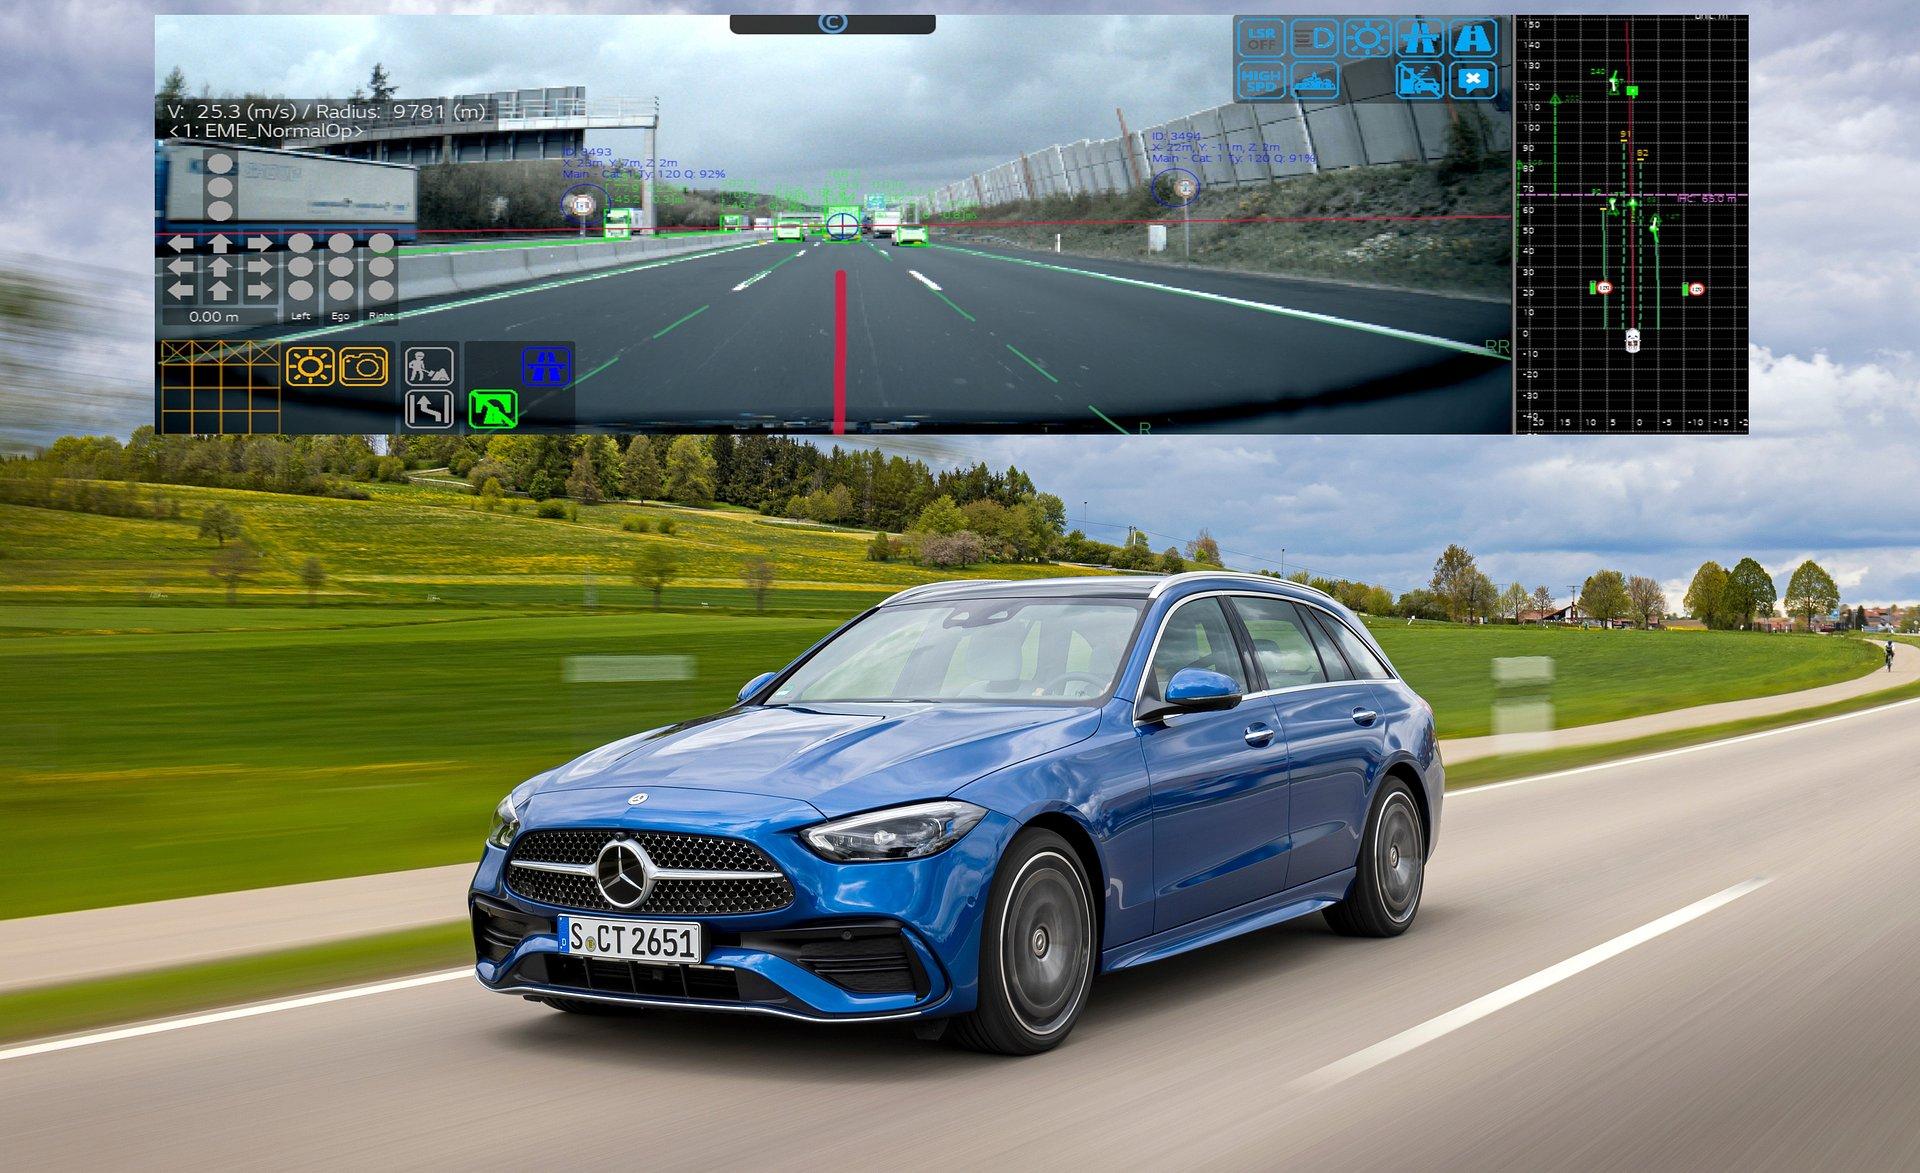 Opracowany w LG moduł kamery z systemem ADAS zwiększa bezpieczeństwo kierowcy i pasażera w nowym modelu Mercedes-Benz klasy C